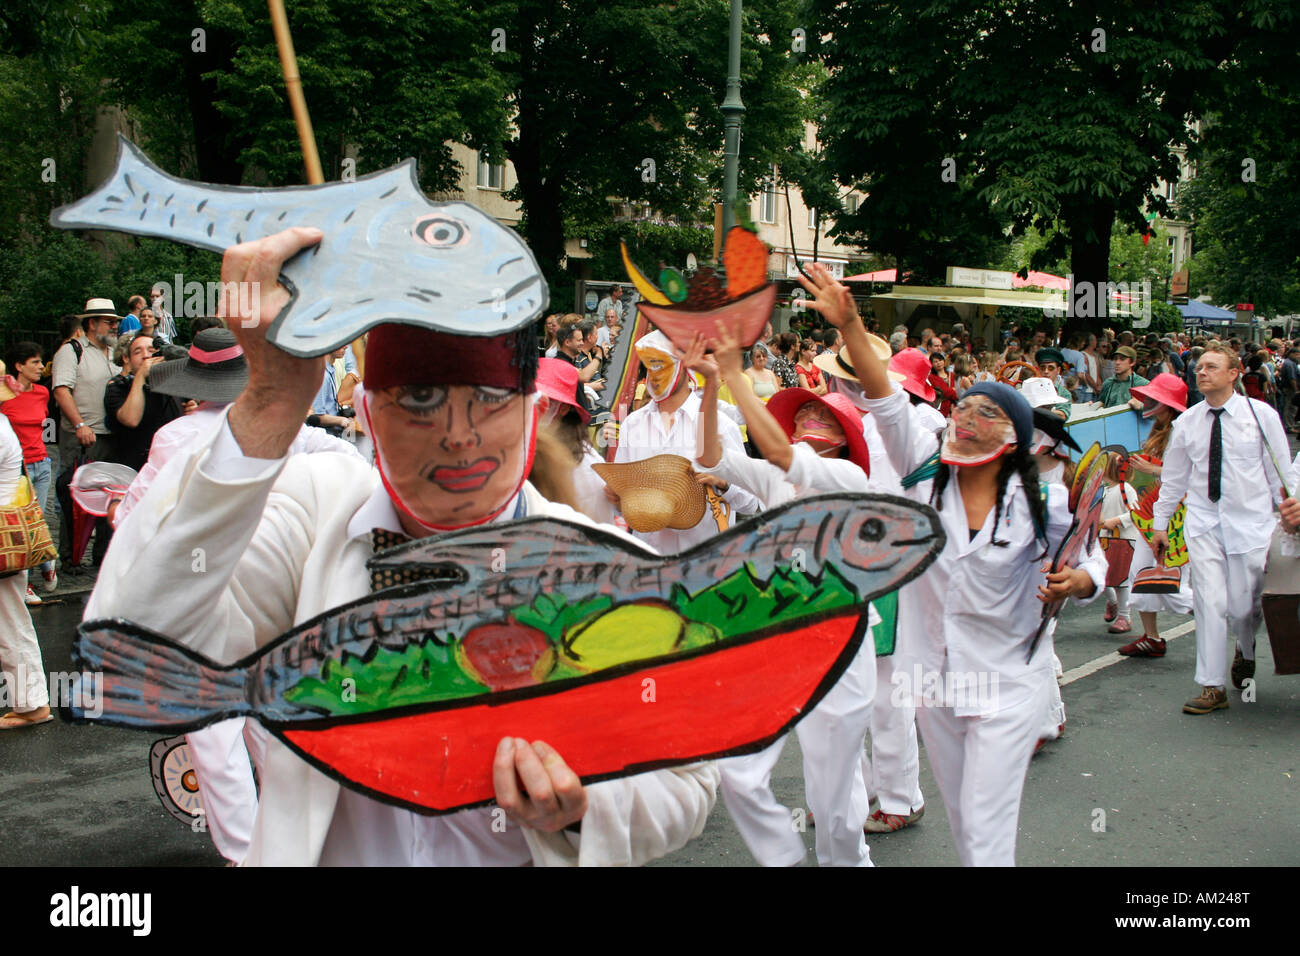 Carnaval des Cultures, Kreuzberg, Berlin, Allemagne Photo Stock